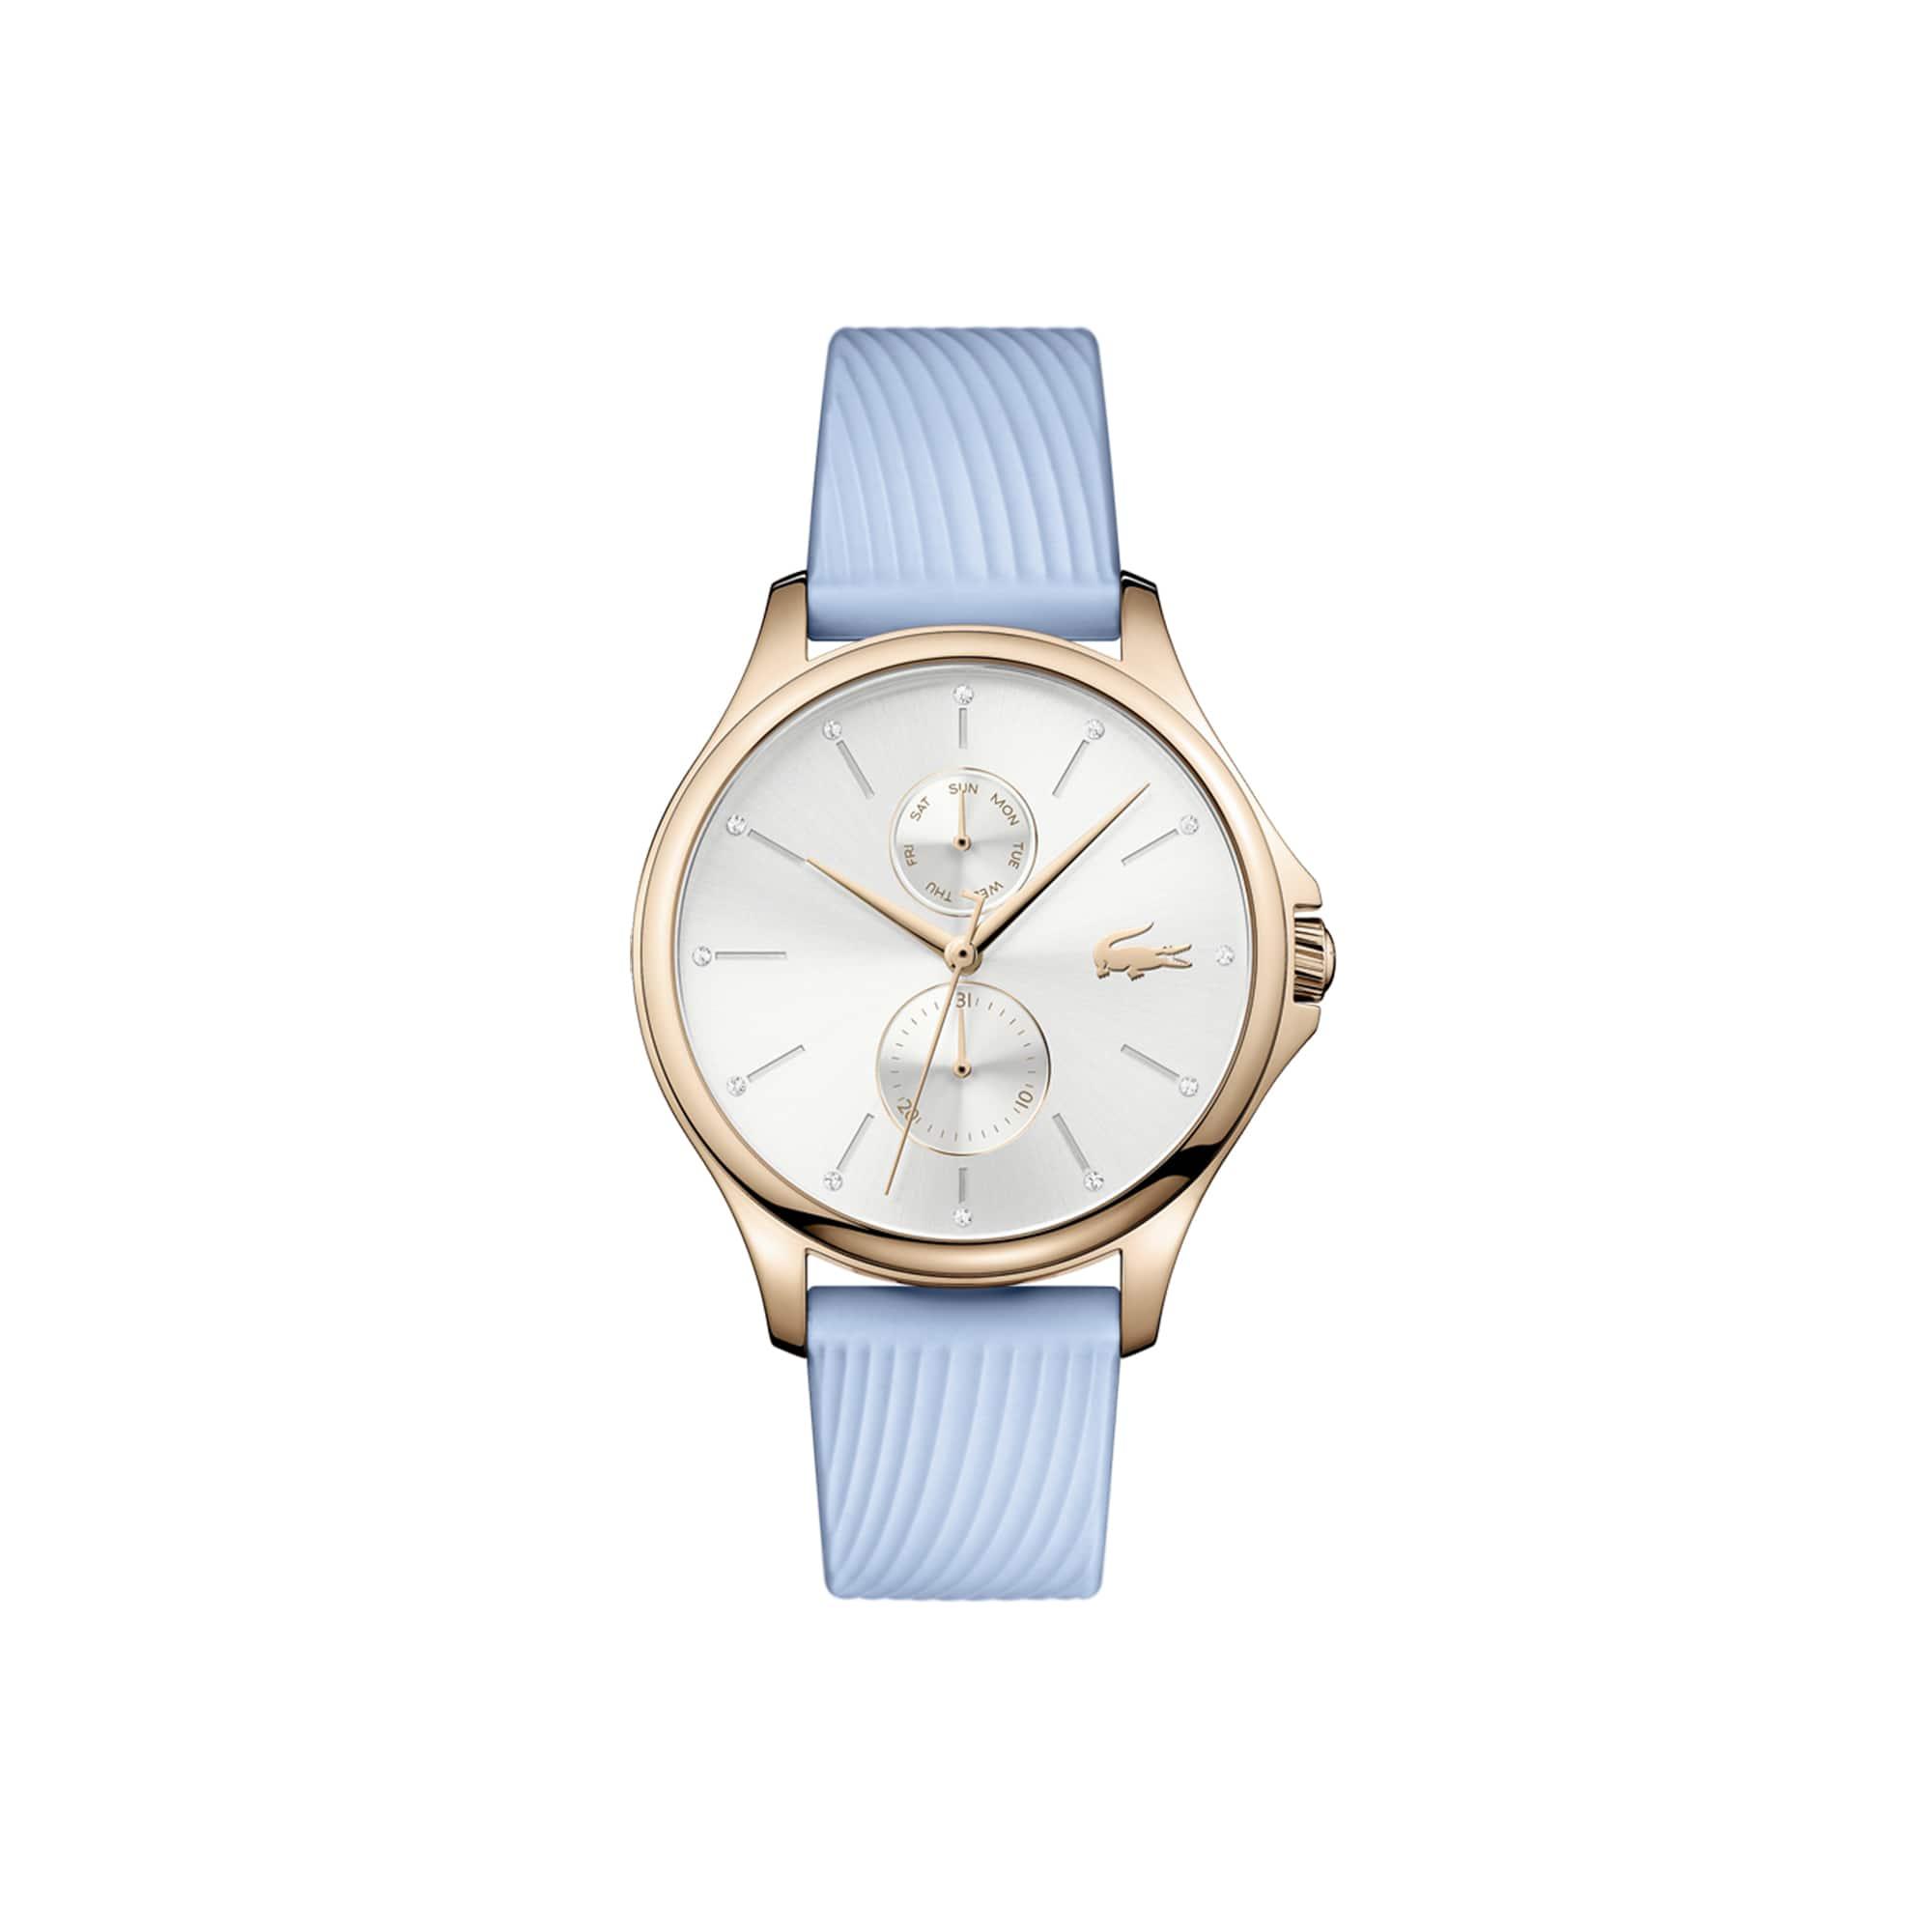 Relógio multifunções Kea de mulher com bracelete de silicone azul